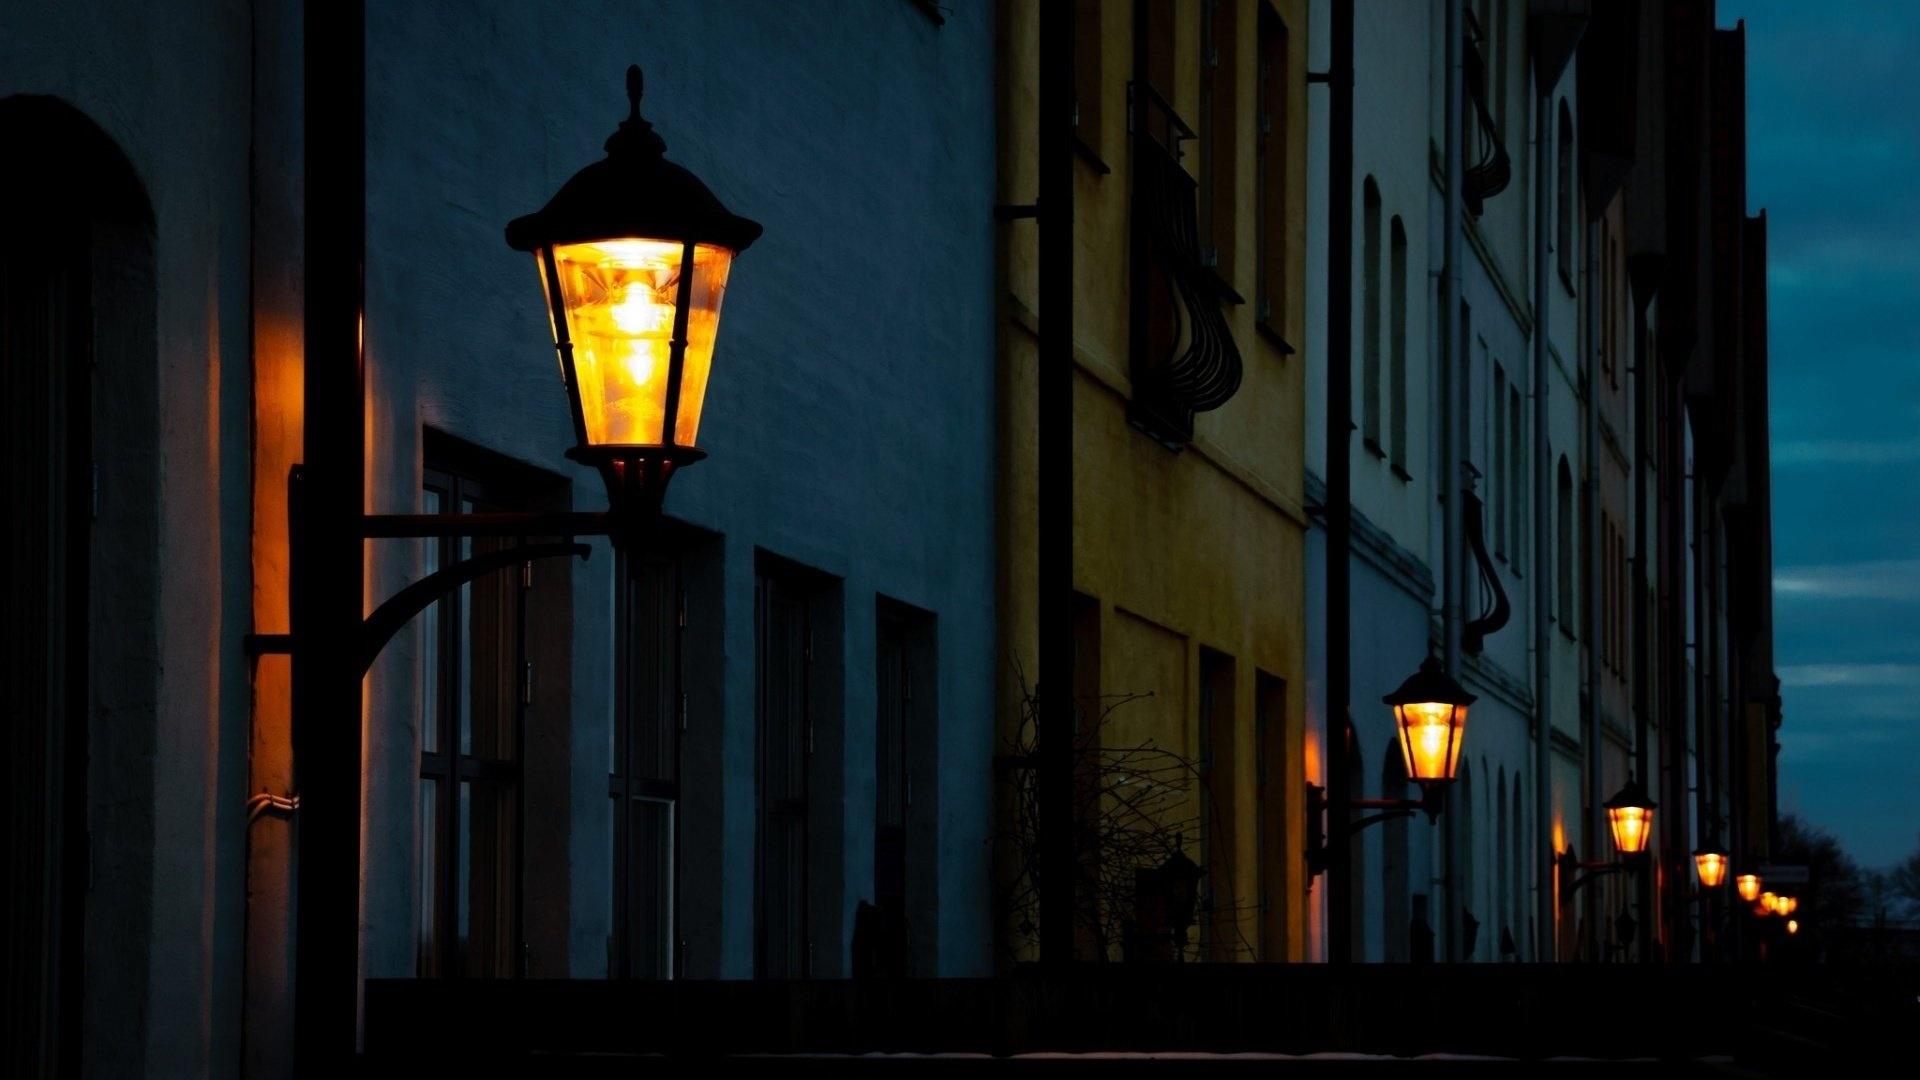 Lantern wallpaper for desktop